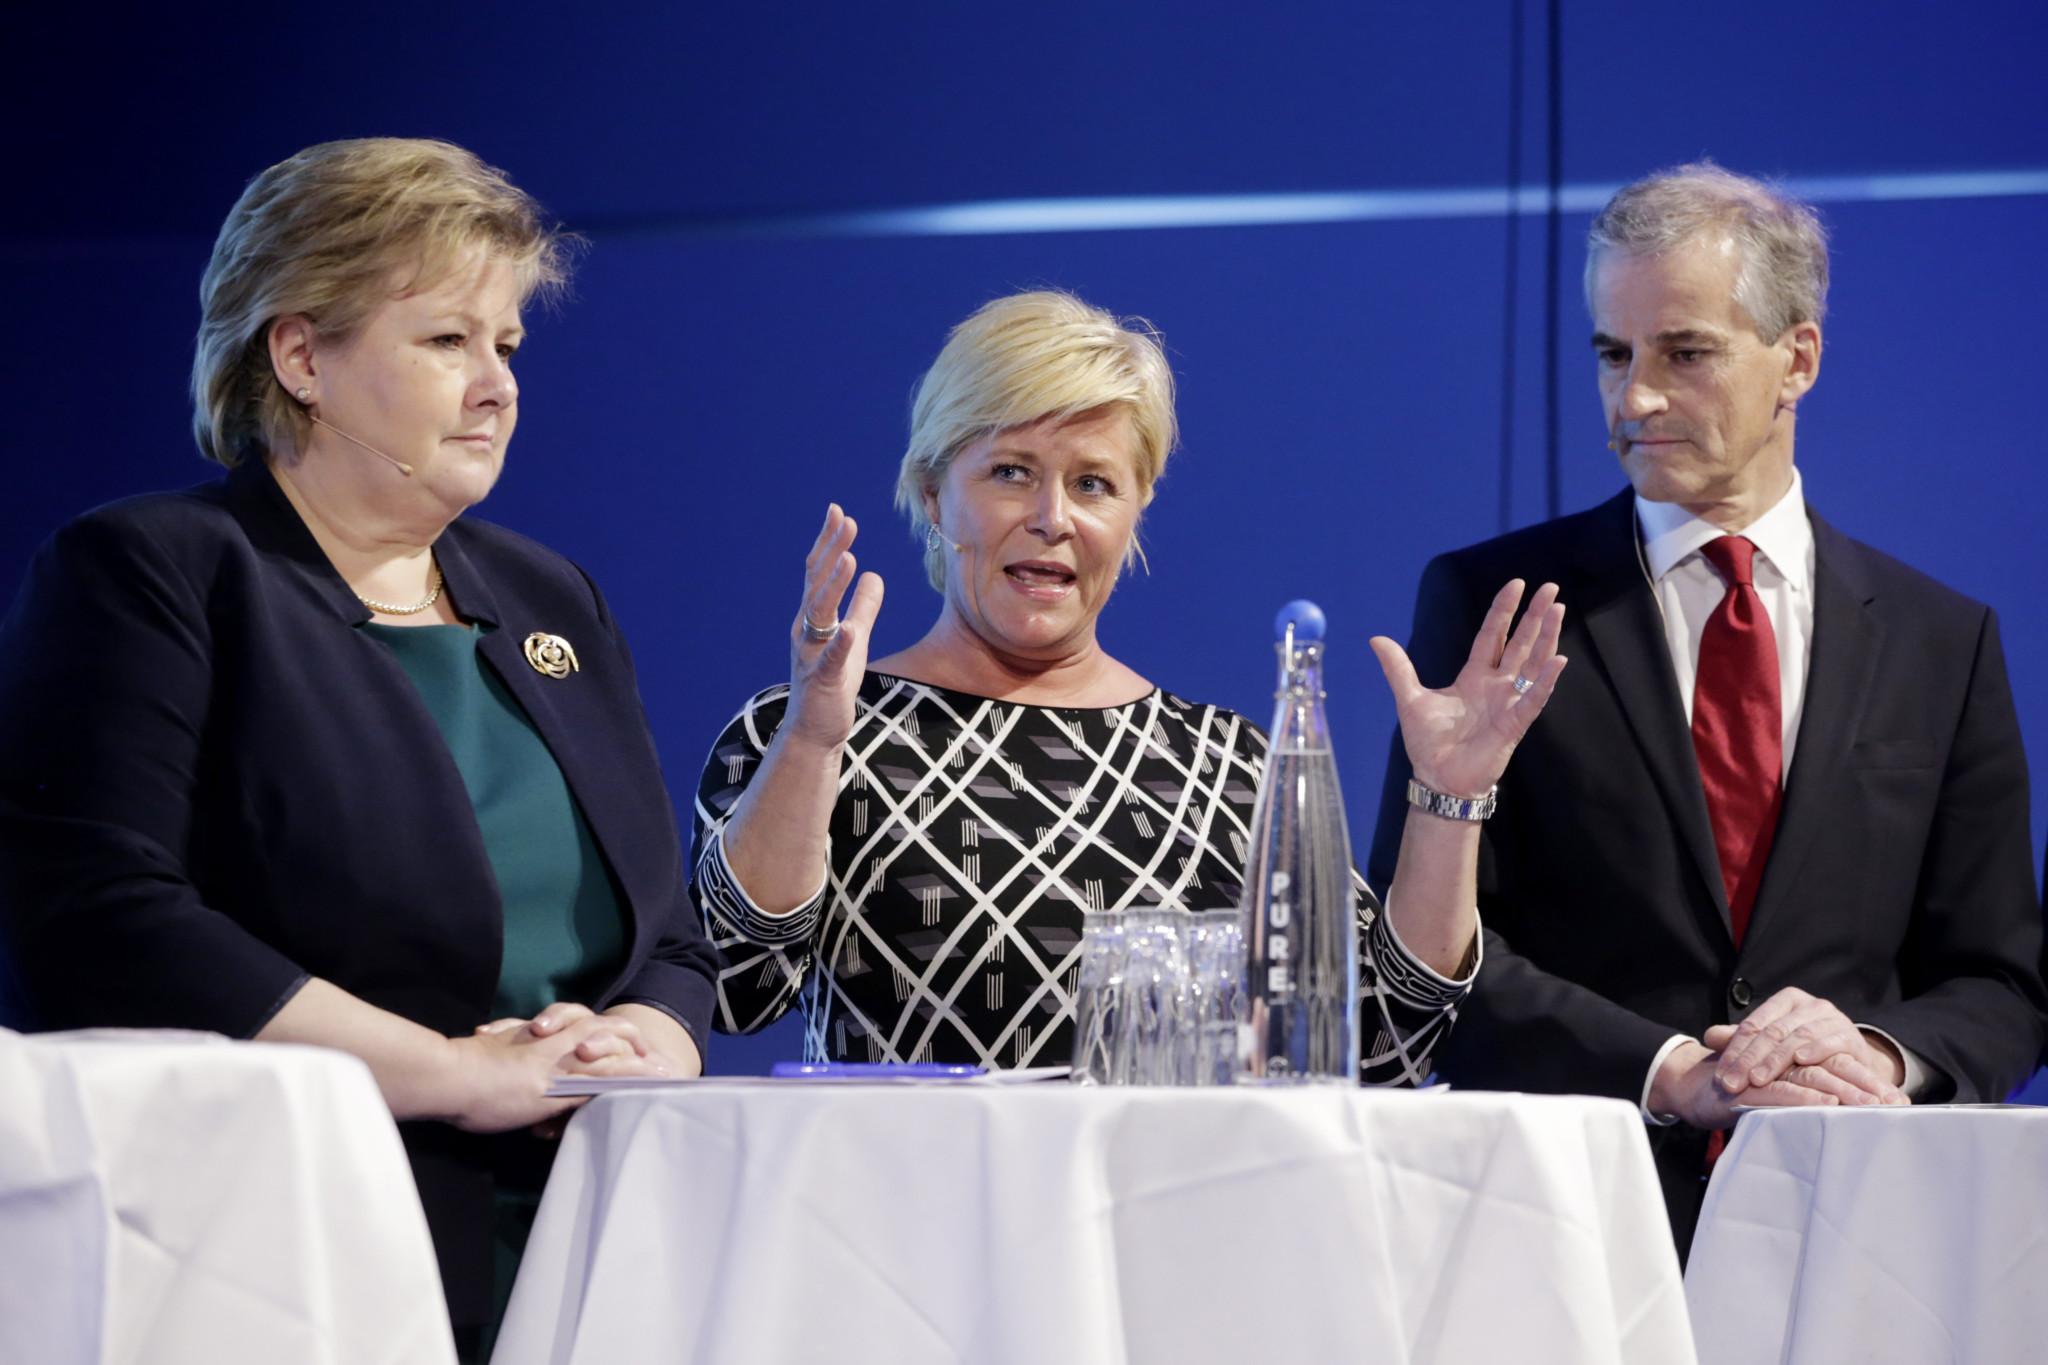 56cdc69b UTRADISJONELT: Statsminister Erna Solberg (t.v.) og finansminister Siv  Jensen (midten) skal ha ros for at de tenker utradisjonelt i forsøket på å  ta ...